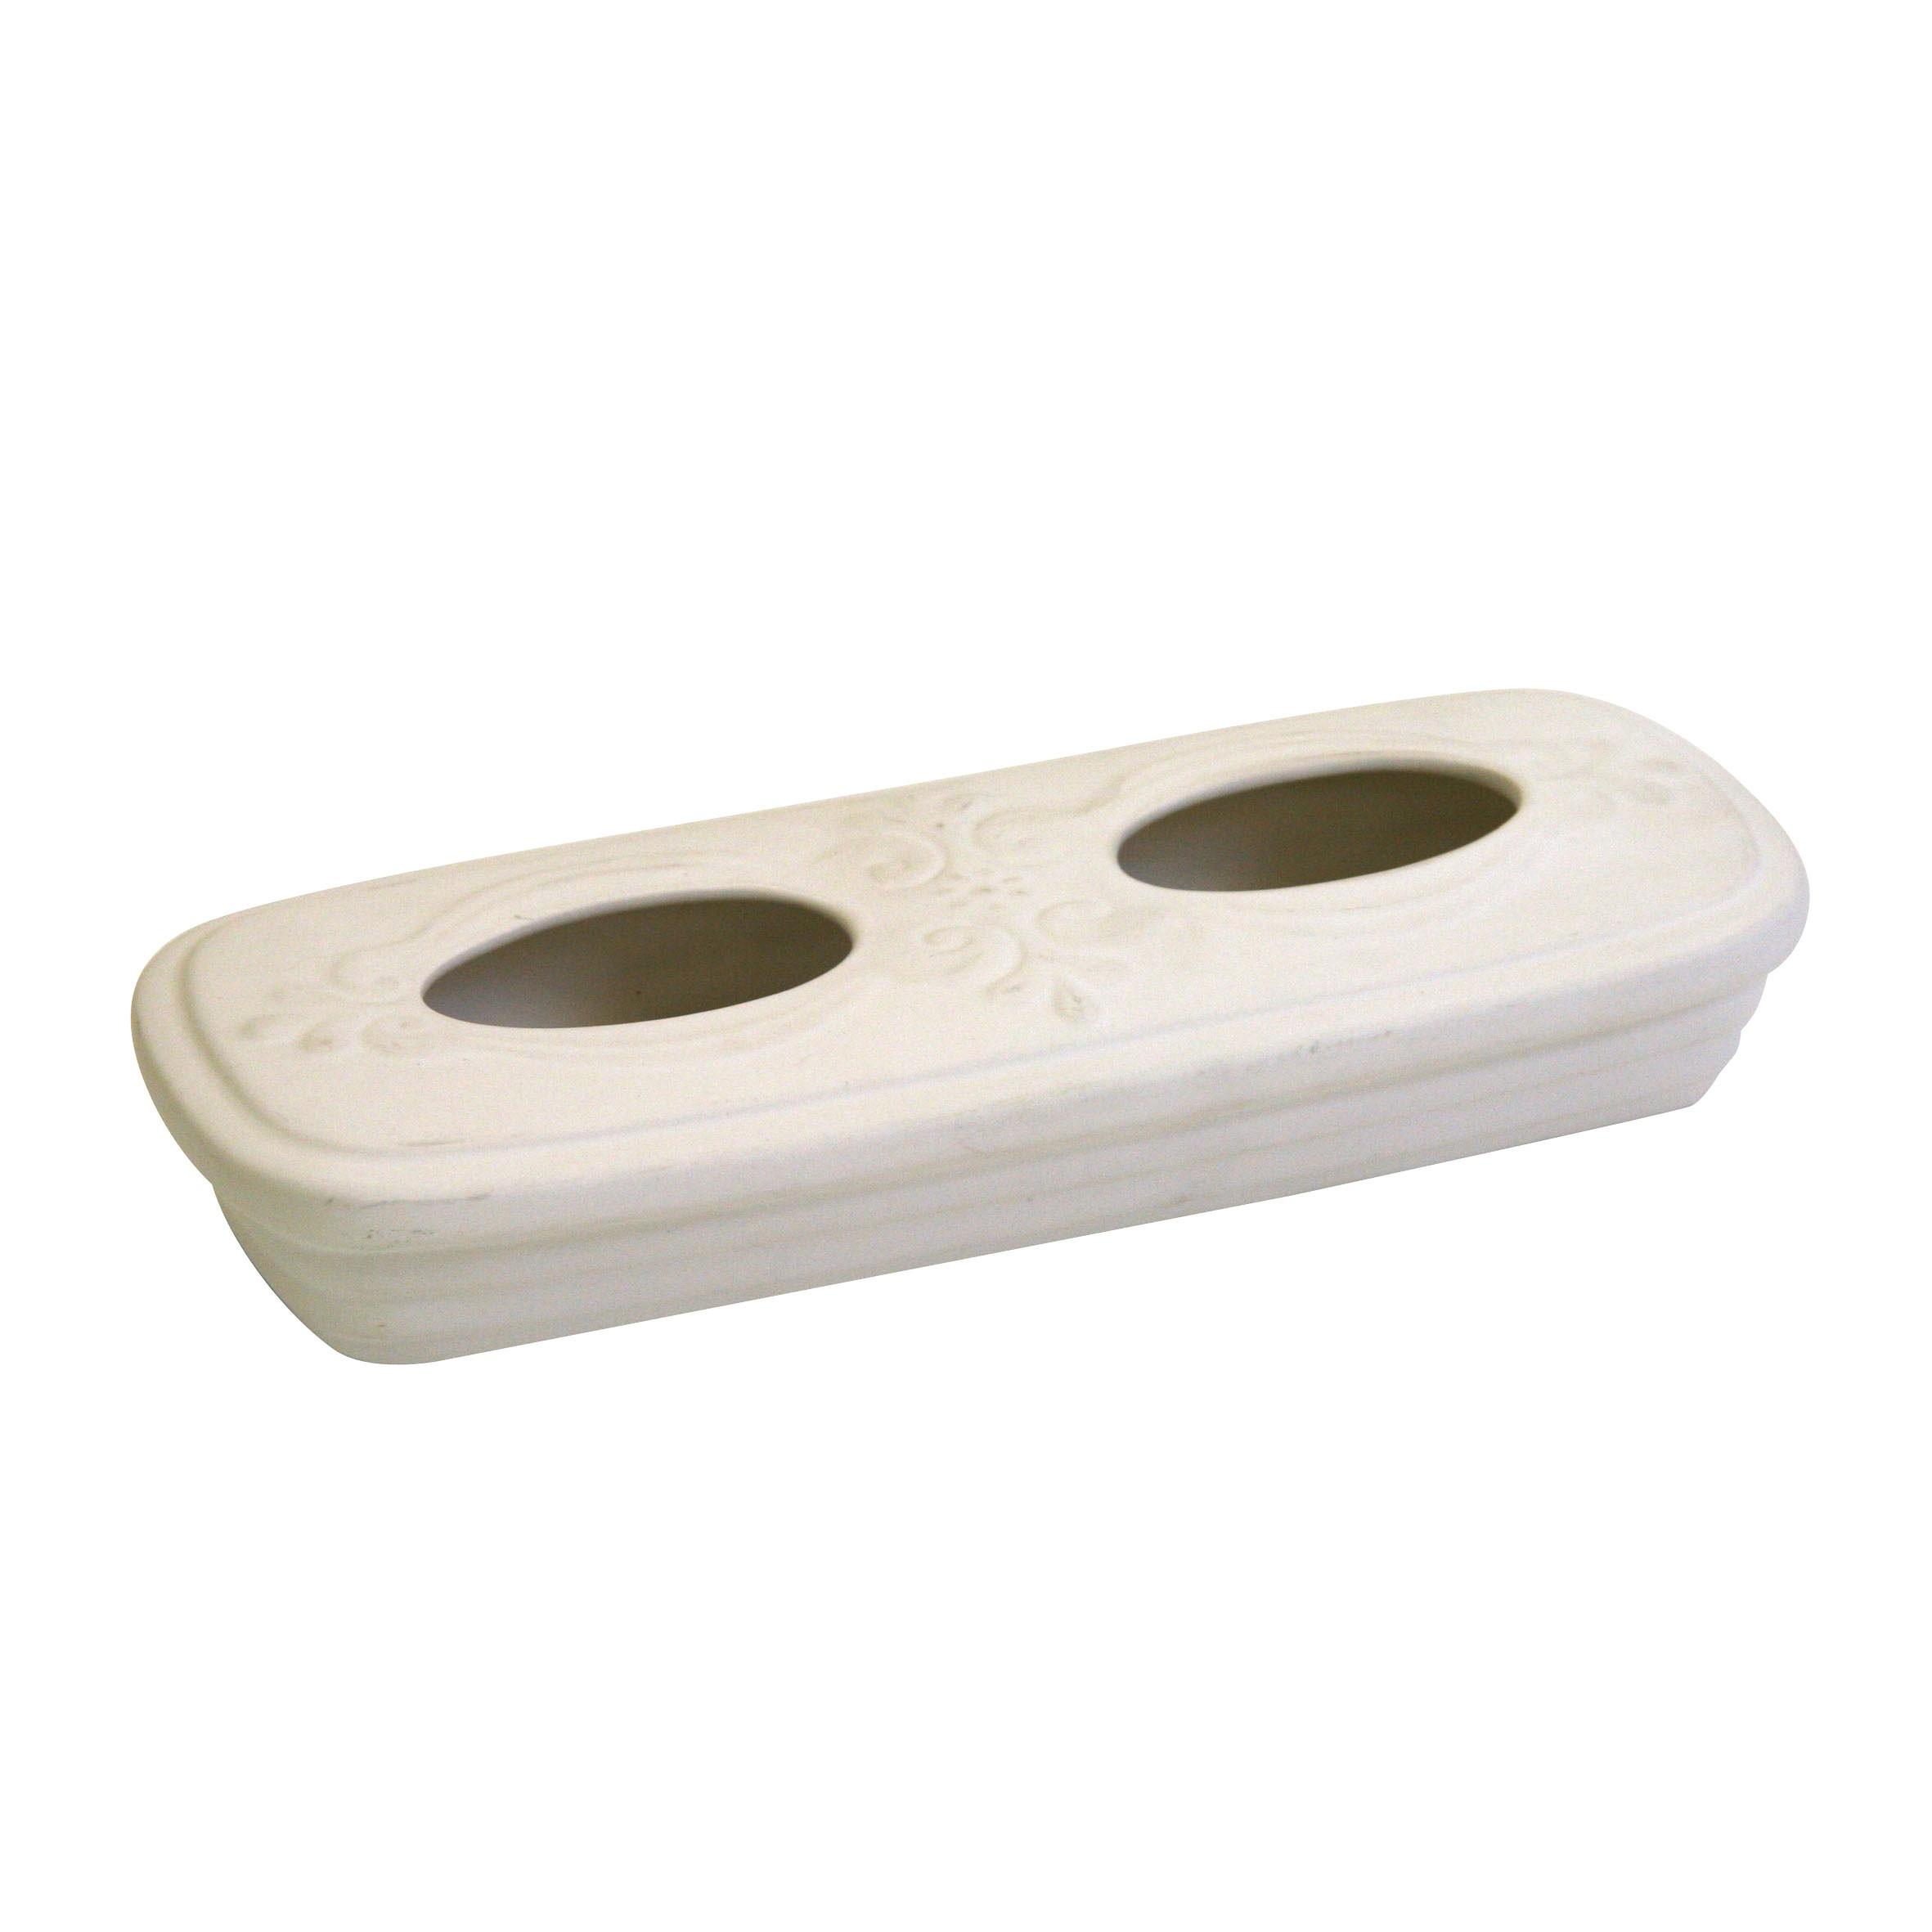 Verdunster / Luftbefeuchter KaminoFlam Keramik weiß Relief Bild 1